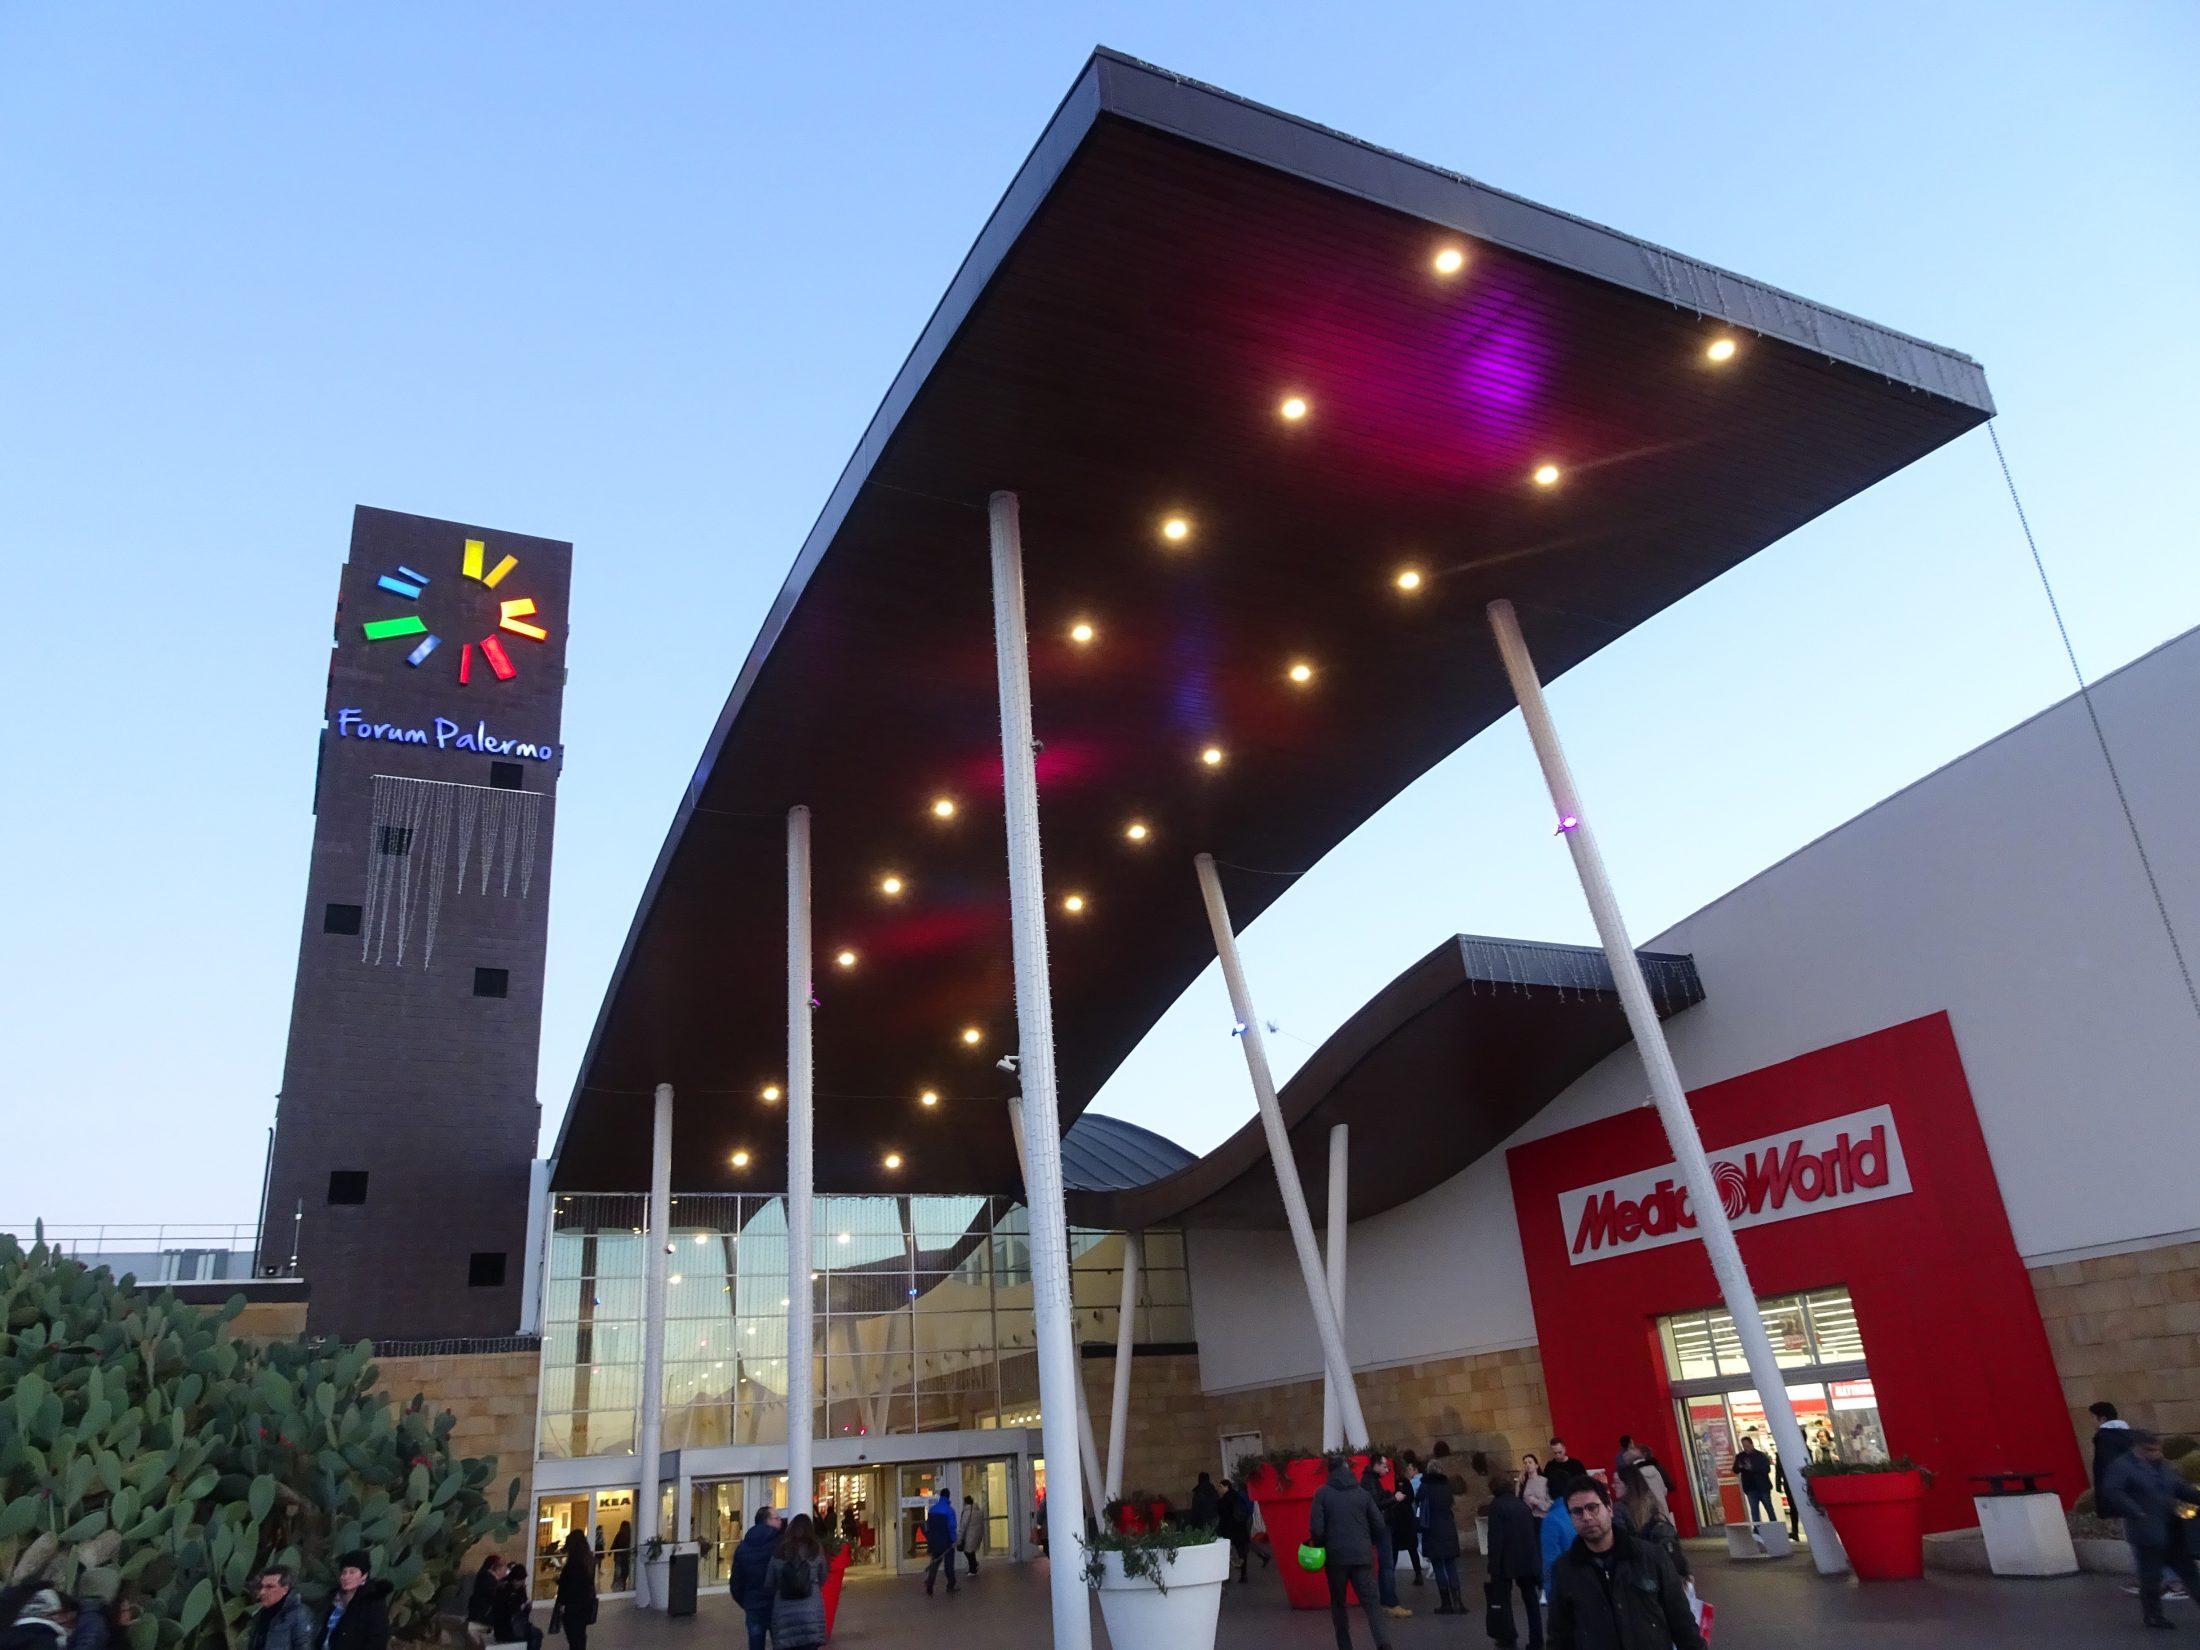 Nel 2019 ben nove milioni di persone hanno visitato il Forum Palermo, il più grande centro commerciale della Sicilia occidentale